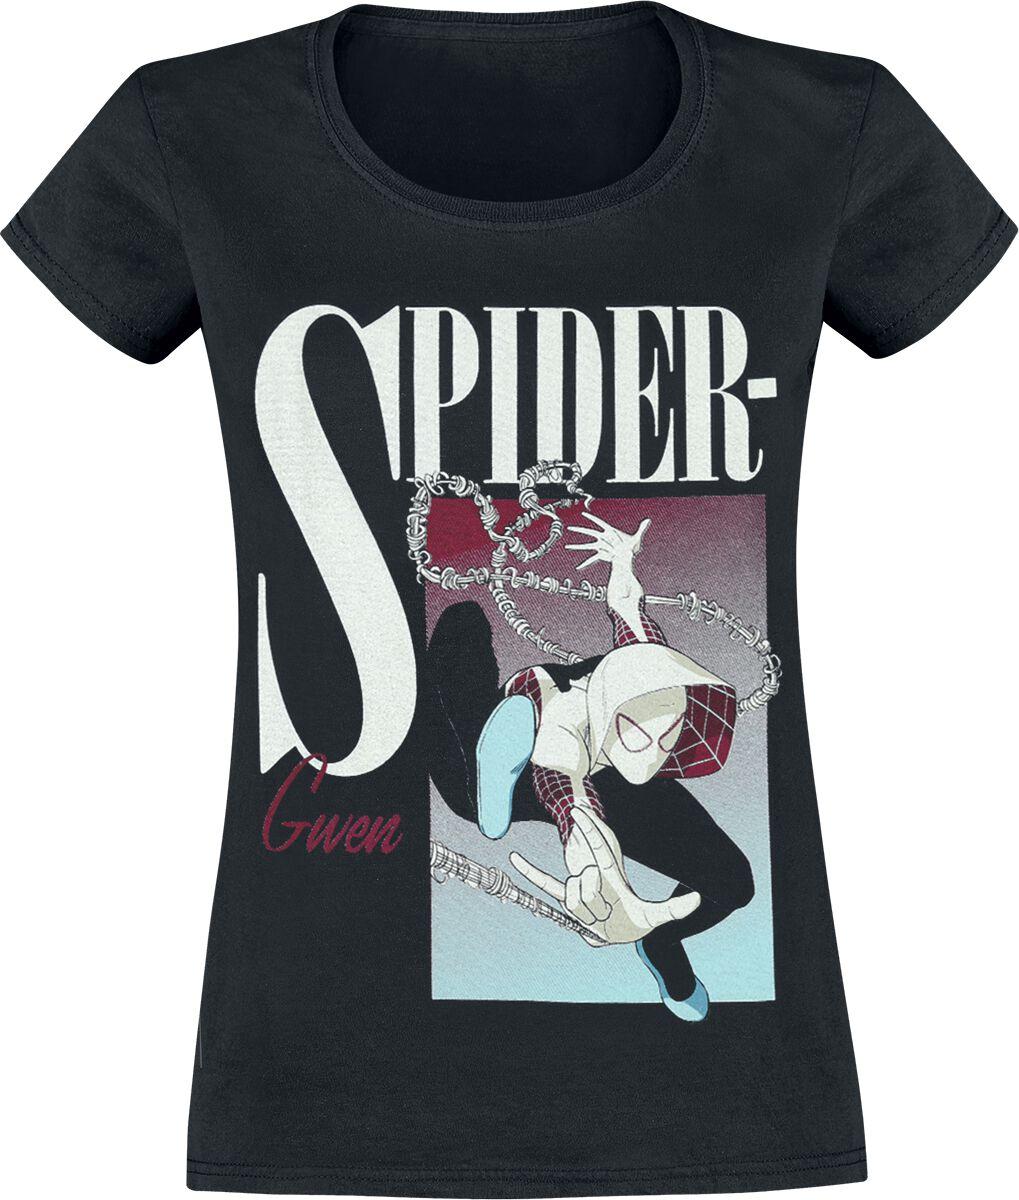 Image of   Spiderman Spider-Gwen Boxed Girlie trøje sort